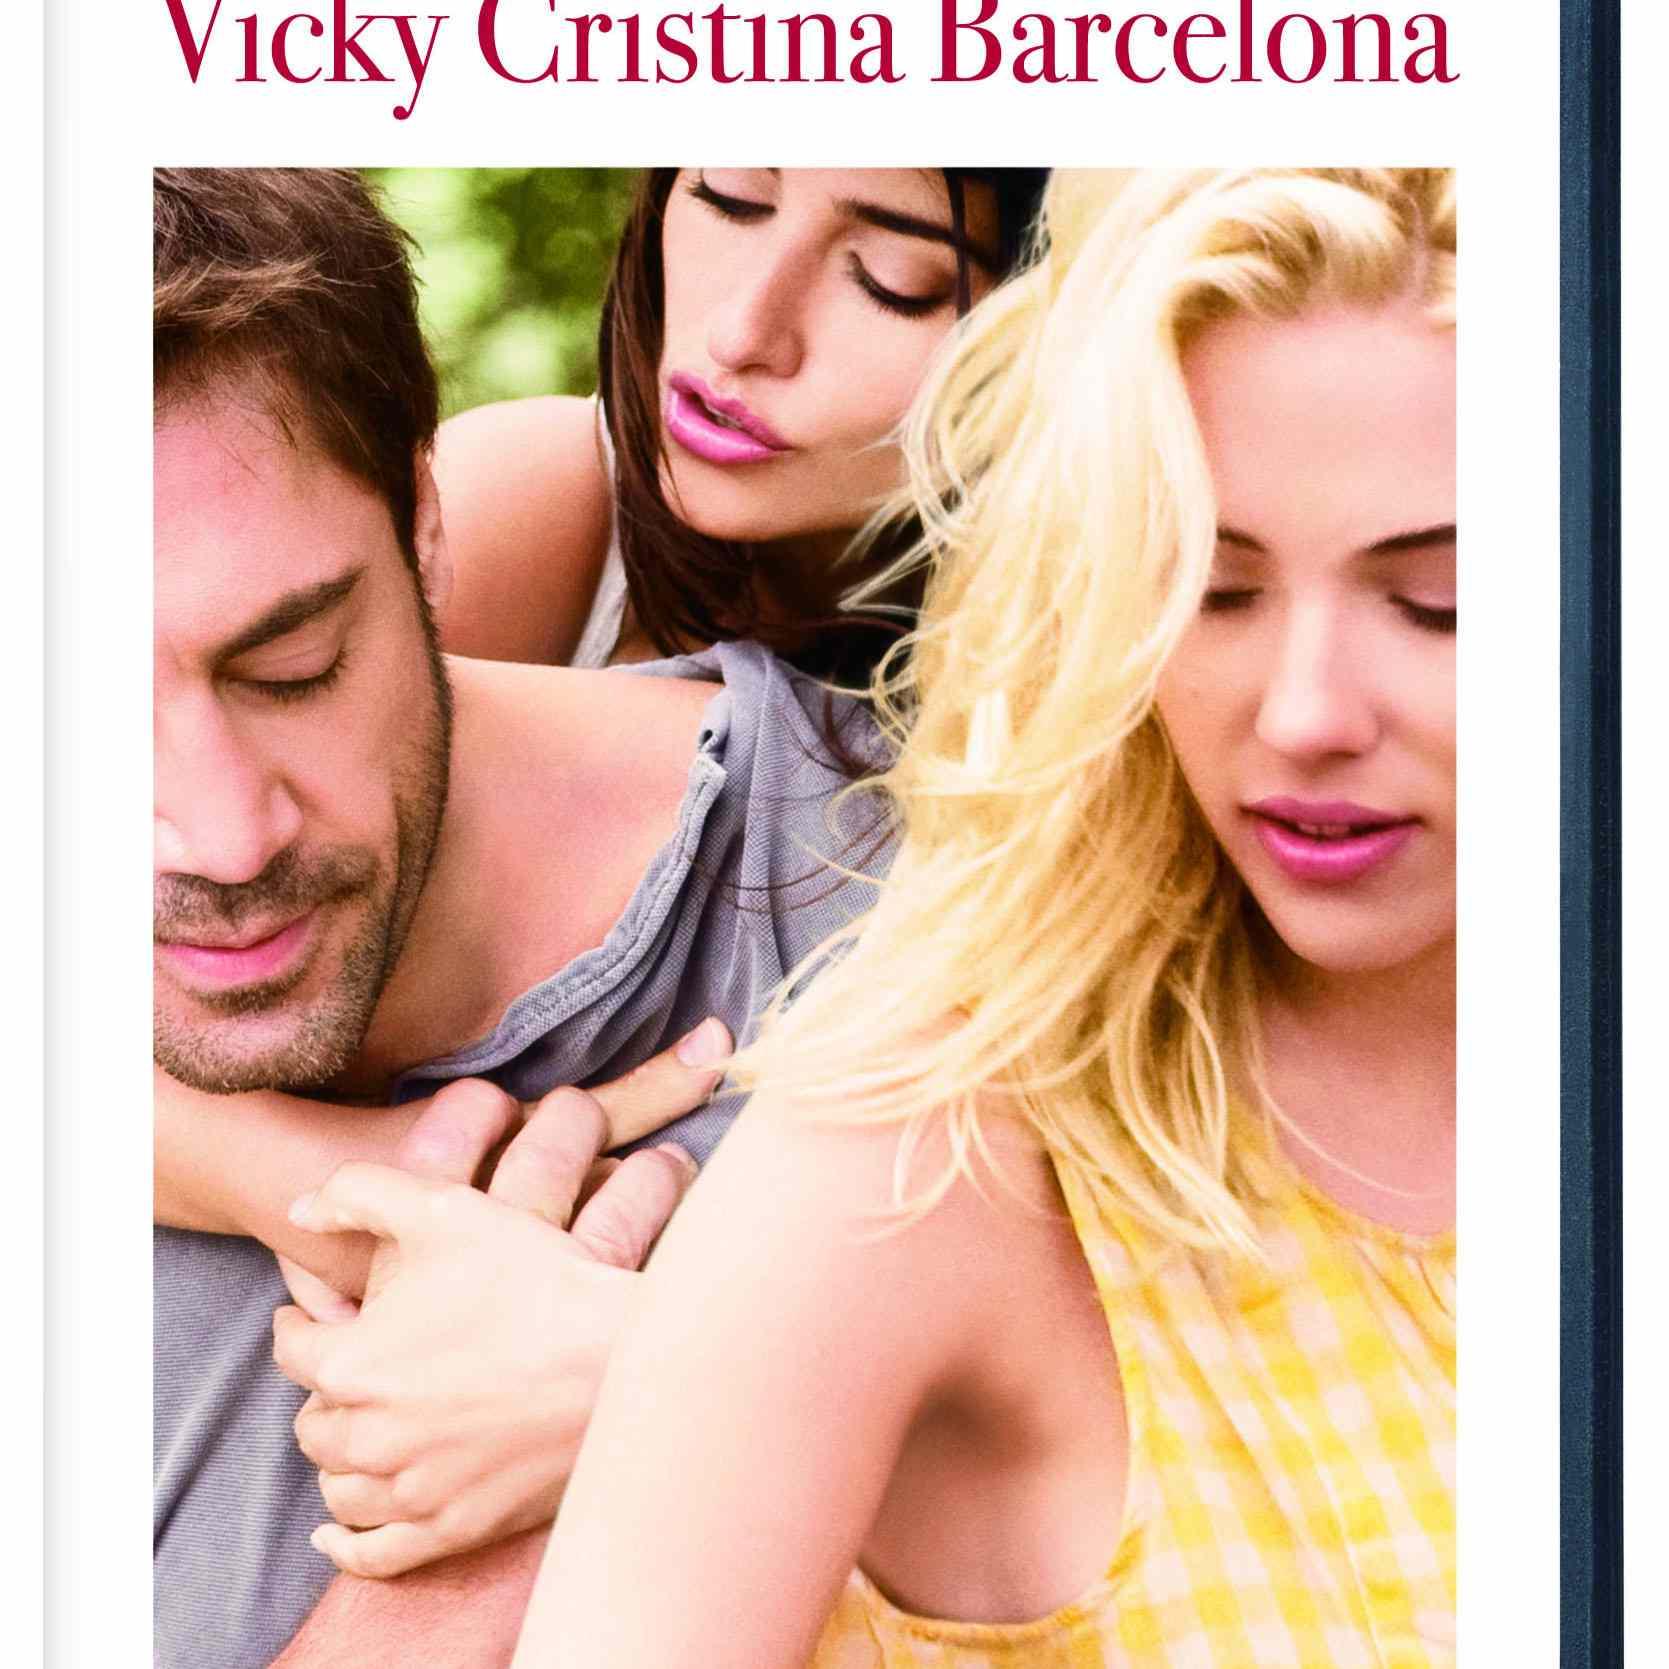 Carátula del DVD de la película de 2008 Vicky Cristina Barcelona